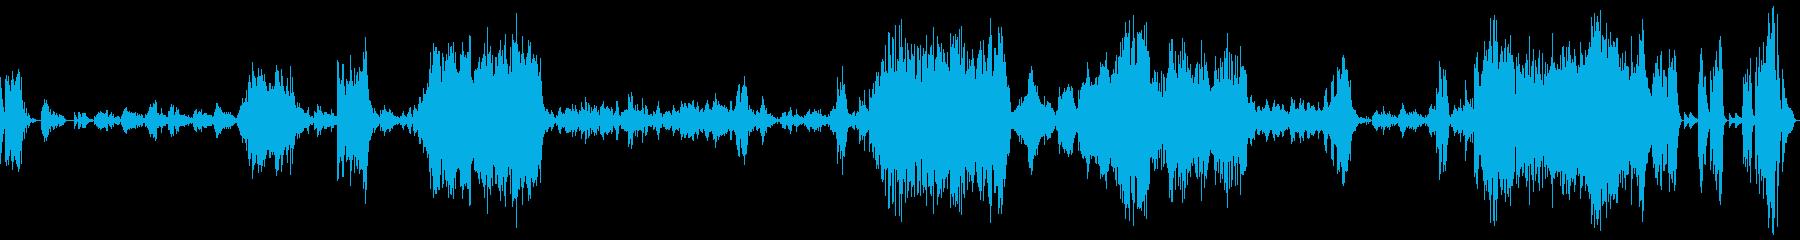 クラシック クール やる気 アンビ...の再生済みの波形